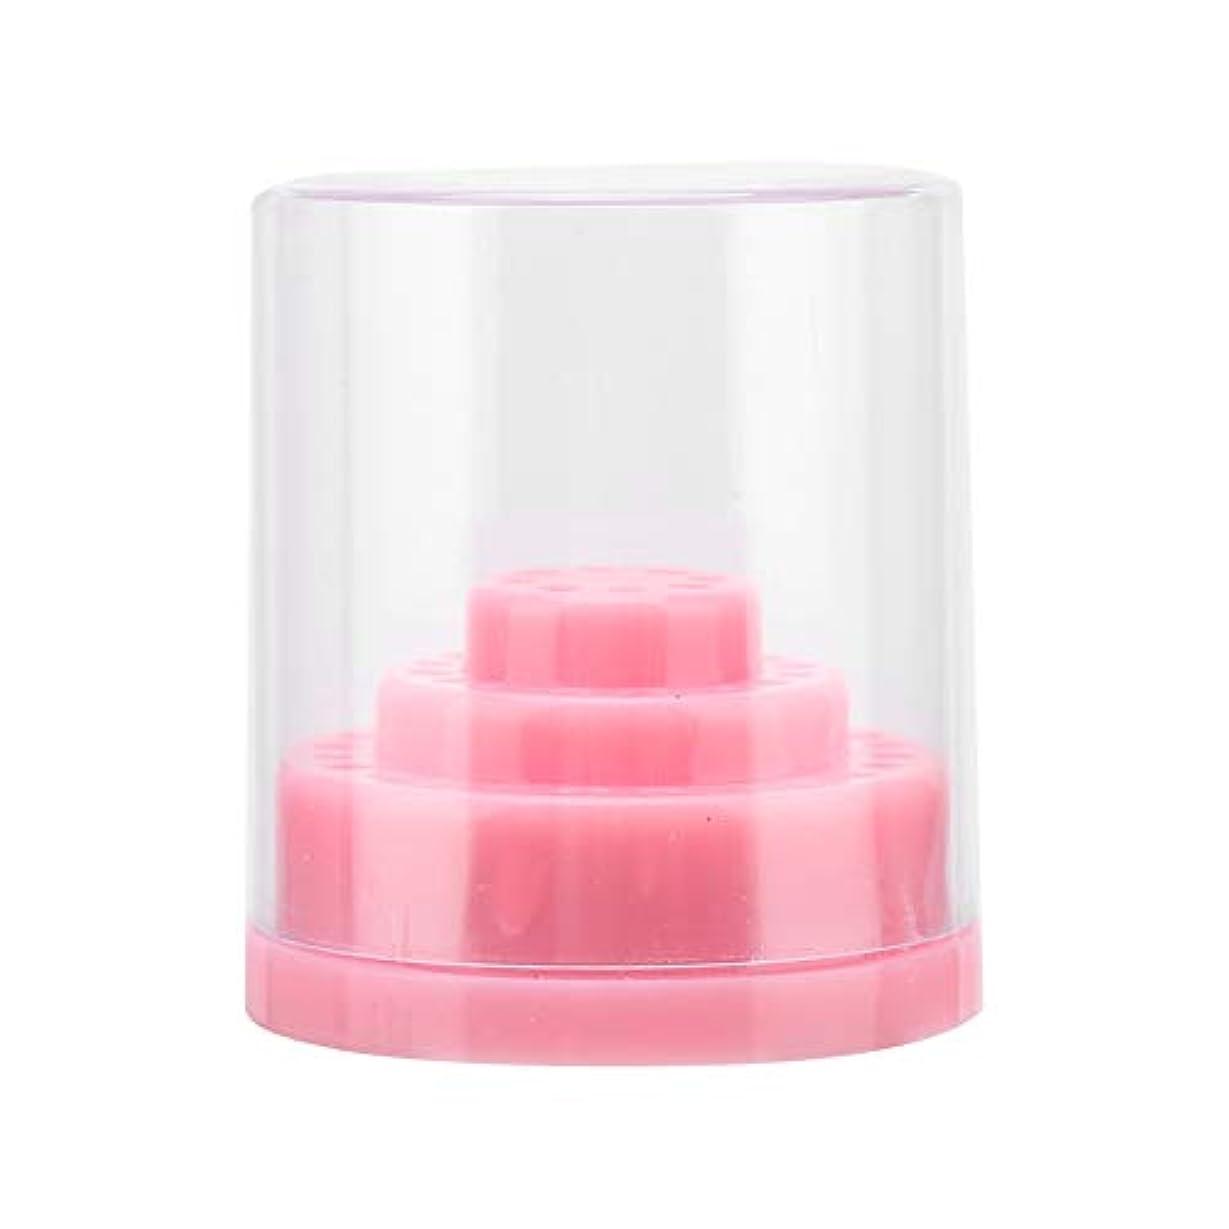 ネイルドリルビット、48スロットネイルドリルビット機器ケースホルダーマニキュアツールオーガナイザーディスプレイスタンド(ピンク)